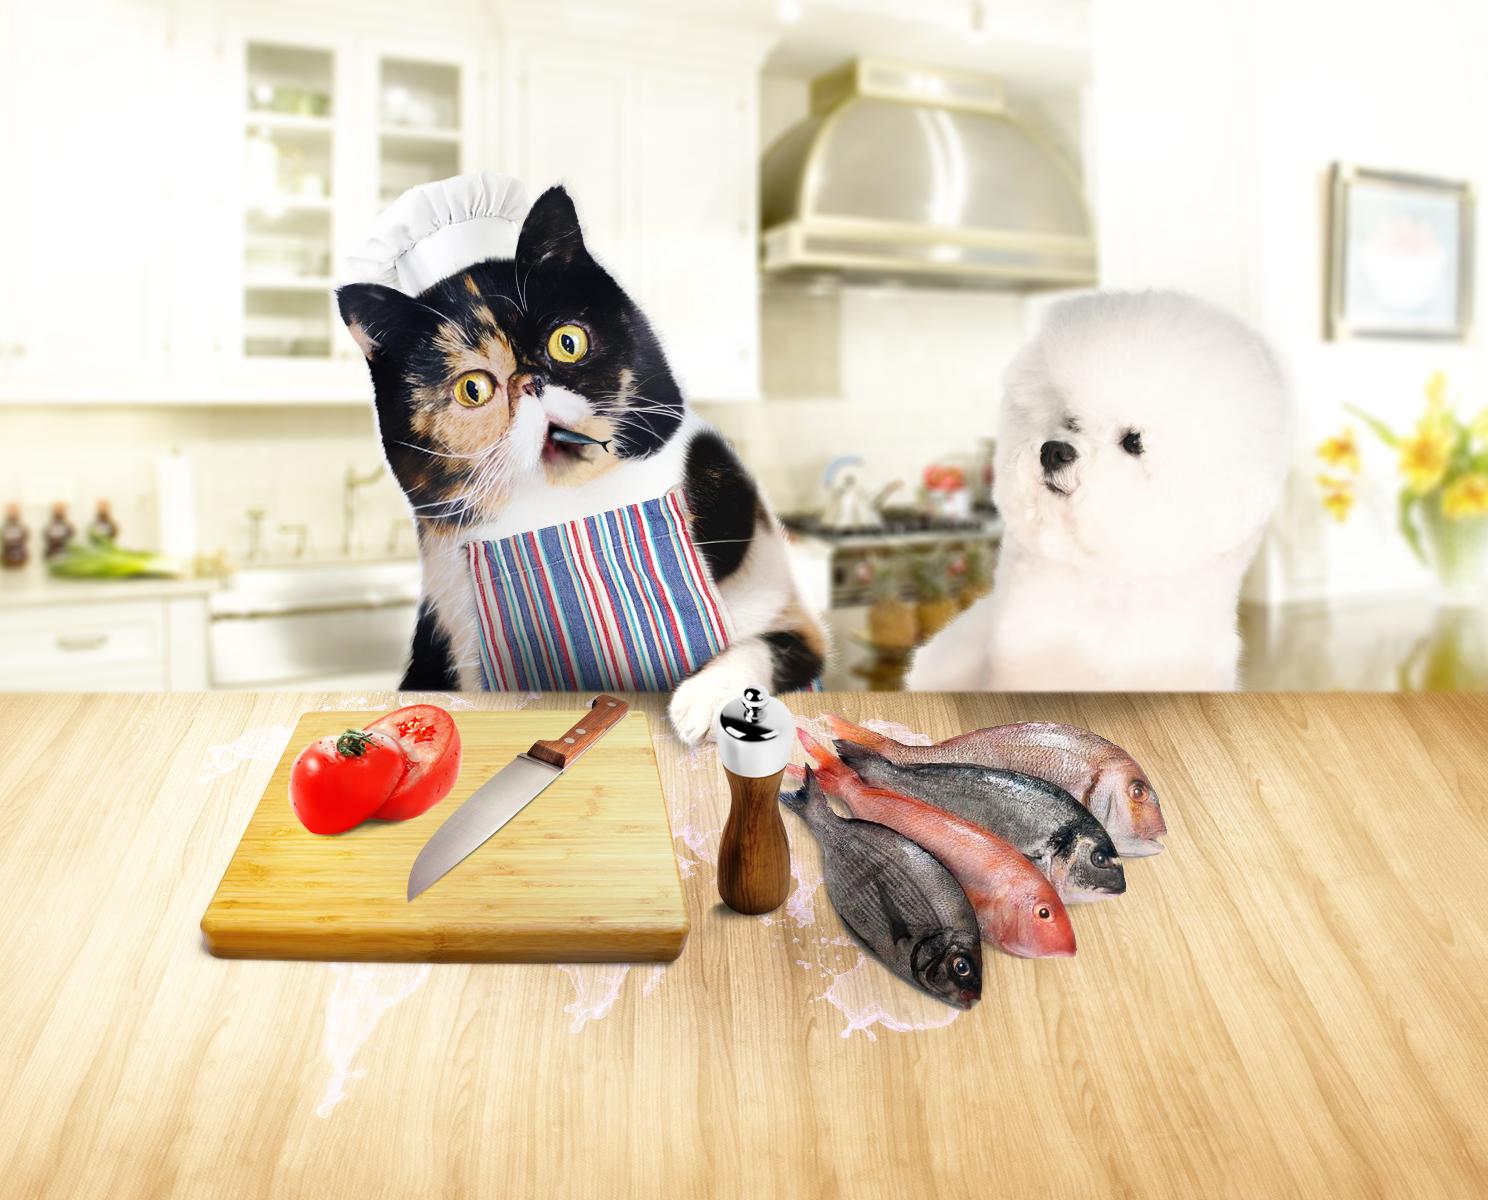 Создать интересный коллаж с участием животных фото f_75951dffbd493f69.png